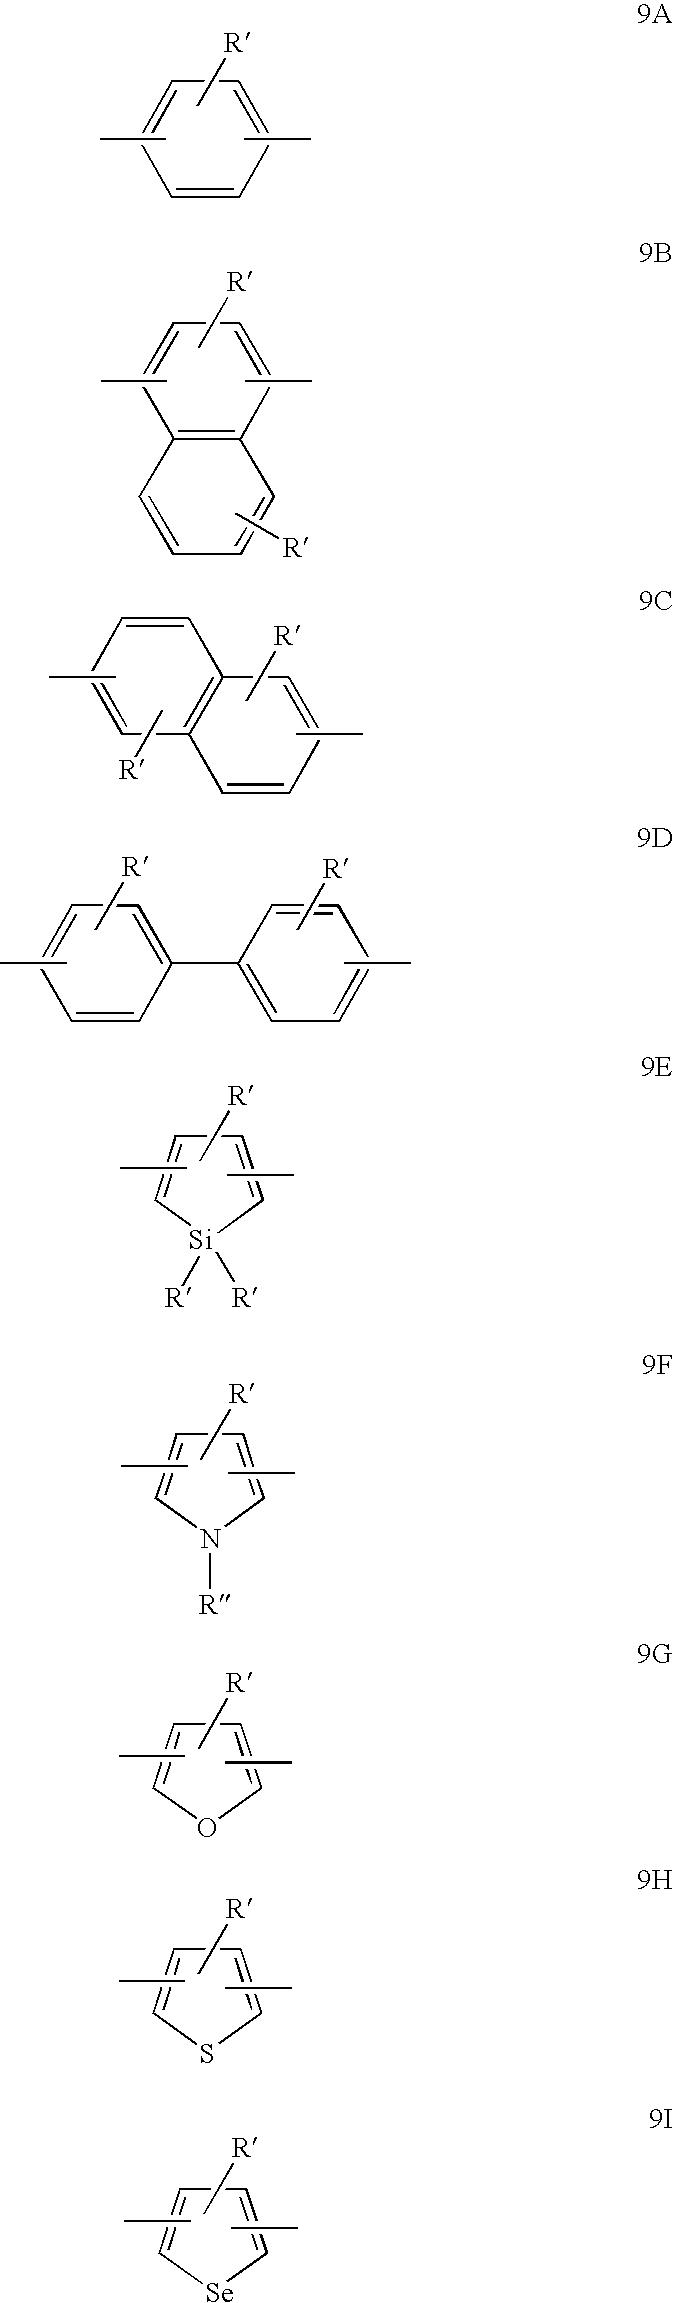 Figure US07875367-20110125-C00009